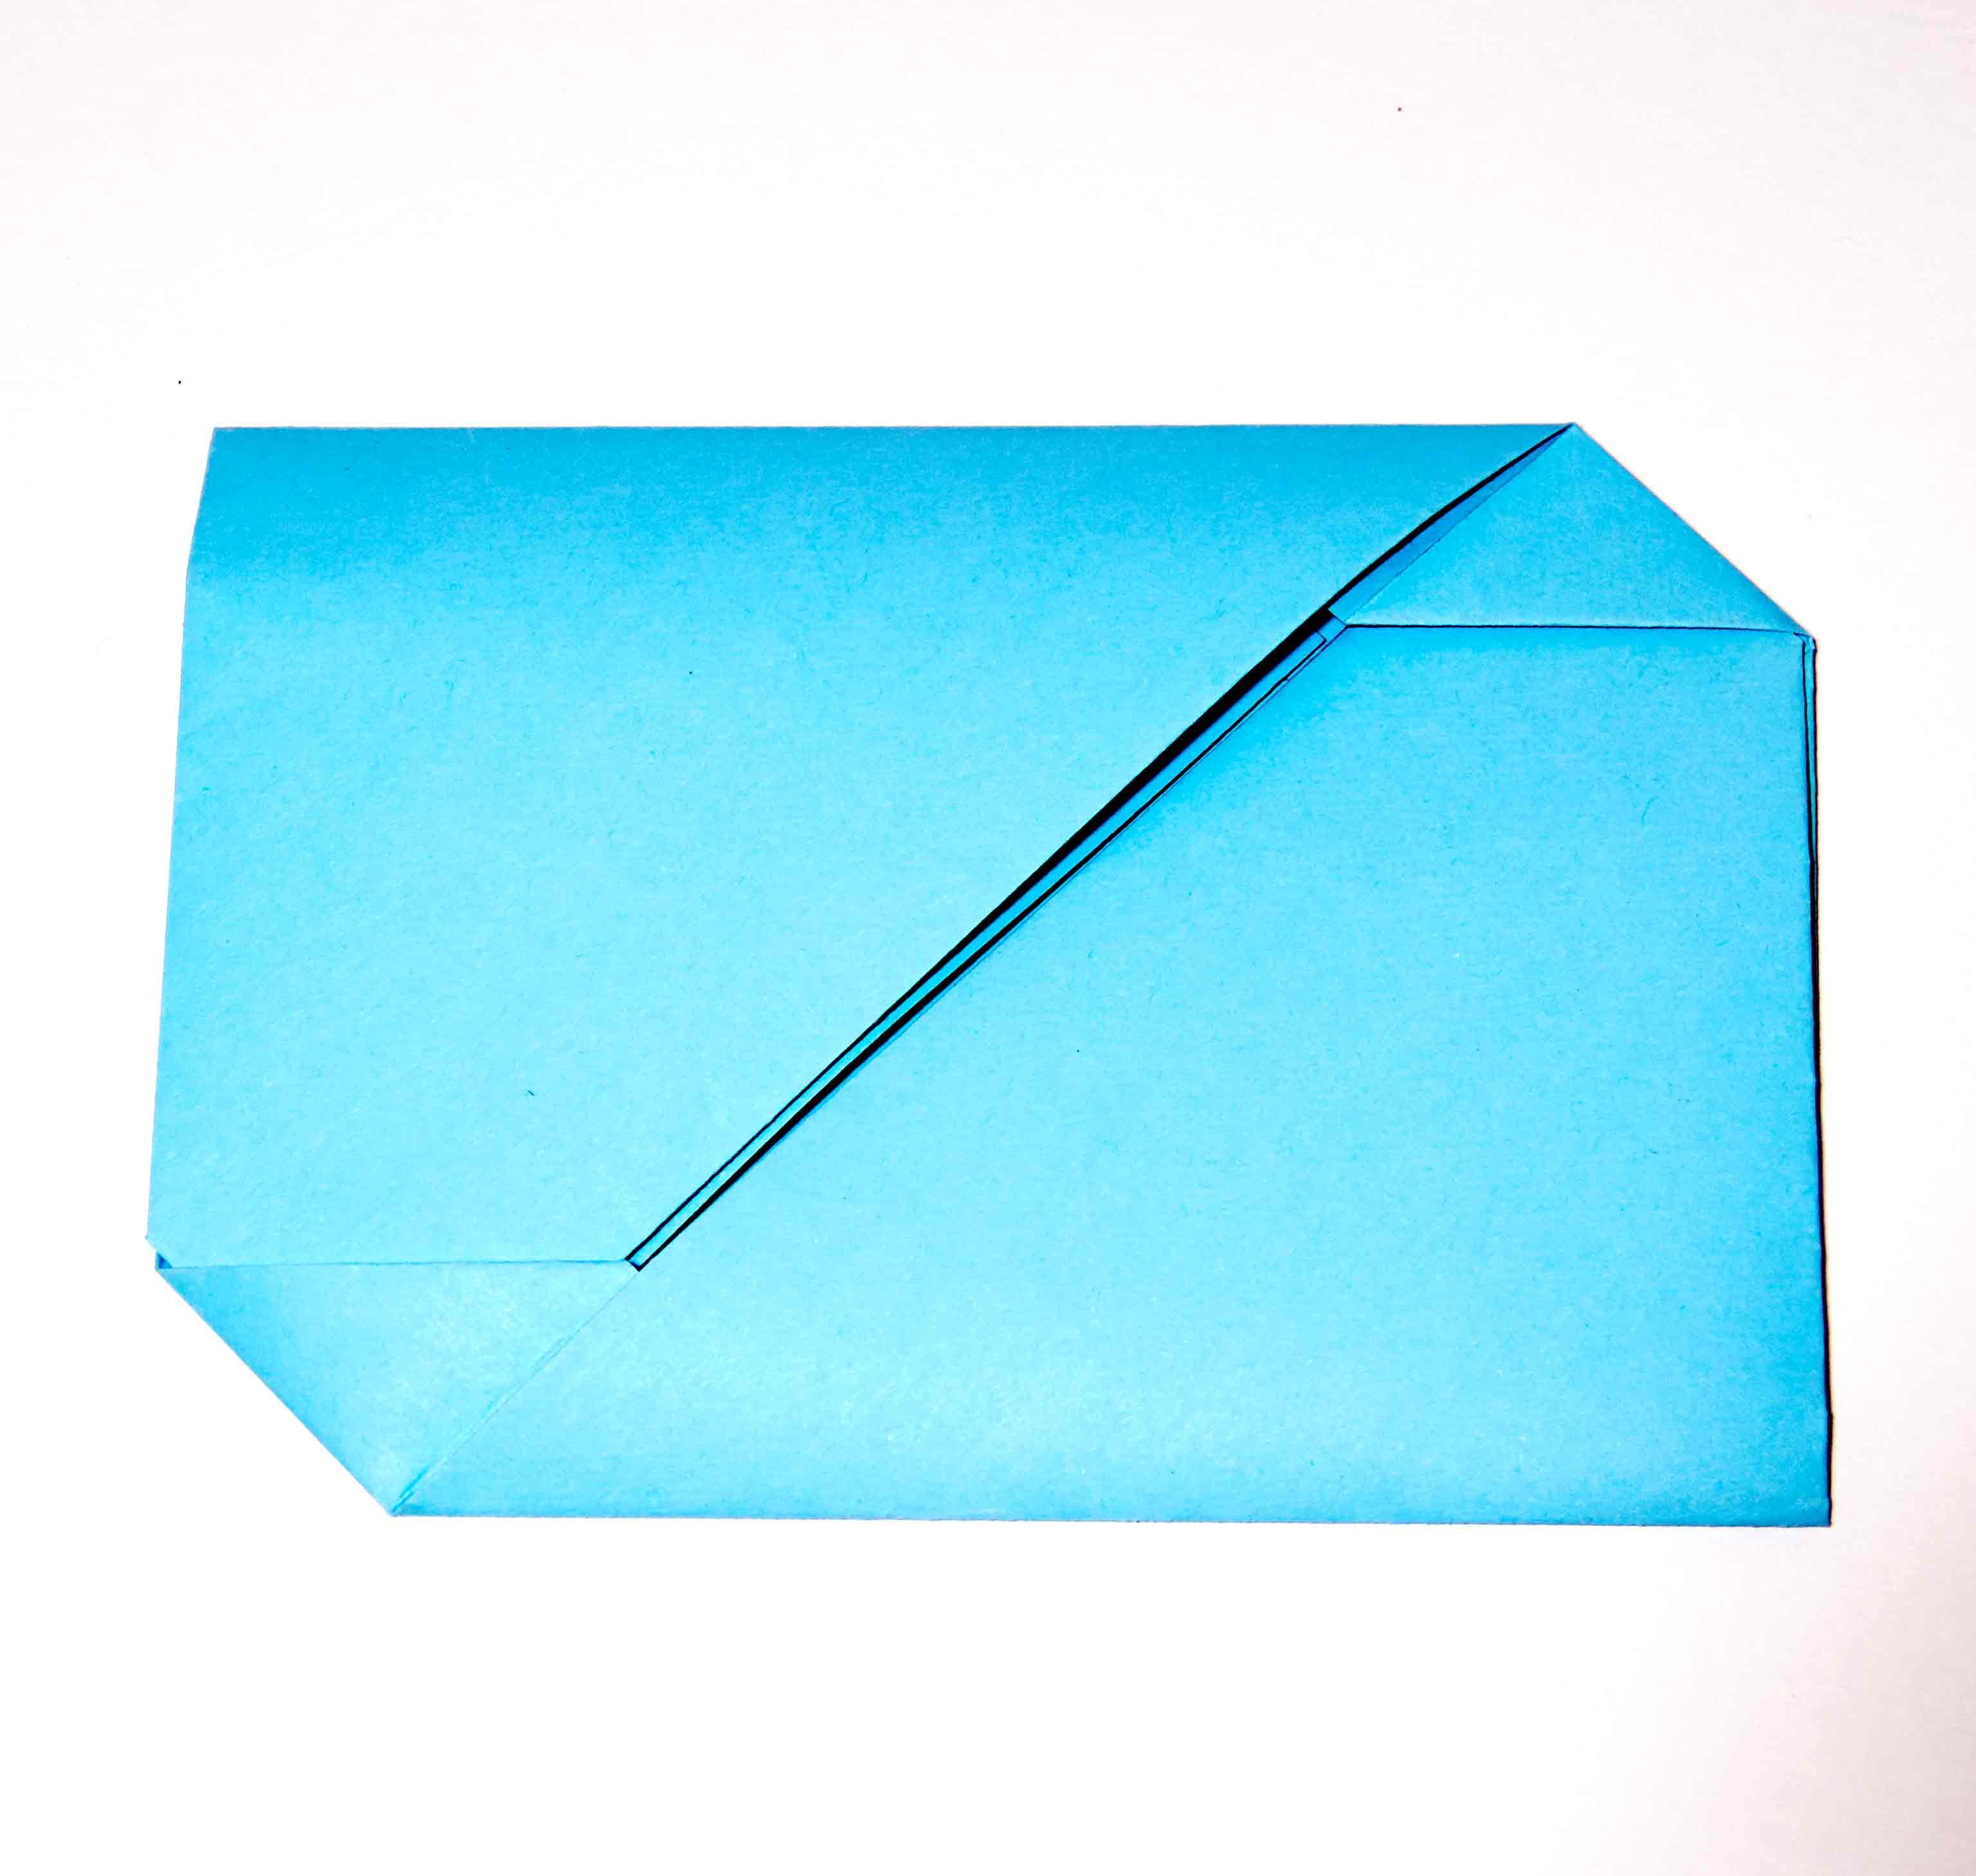 Briefkunstwerke Falten Sie Ihren Eigenen Briefumschlag